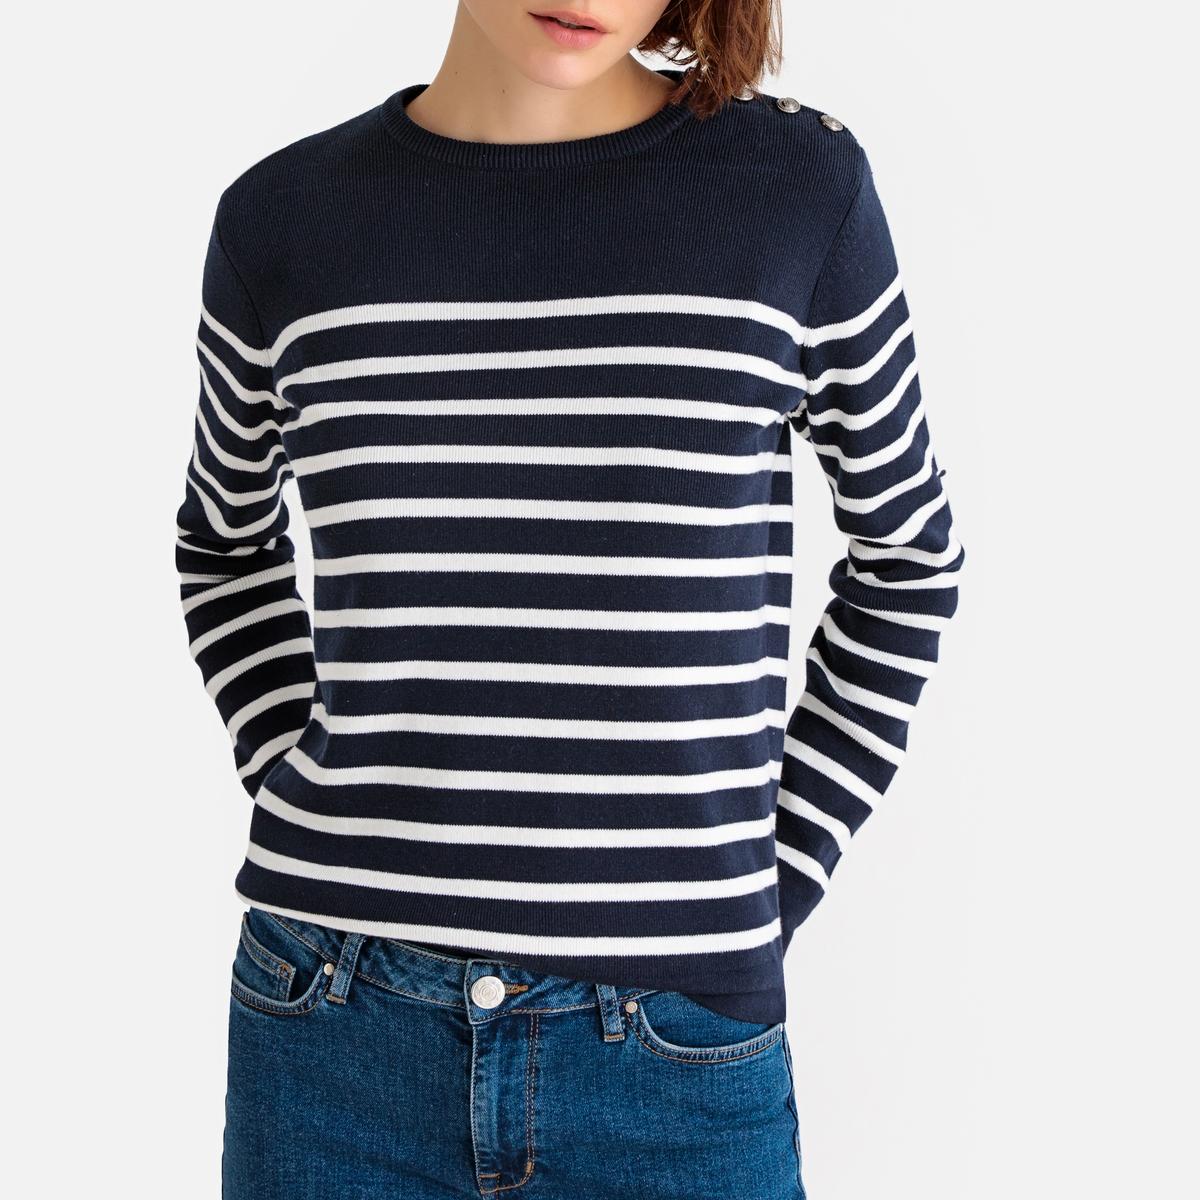 Jersey estilo marinero de punto fino de algodón